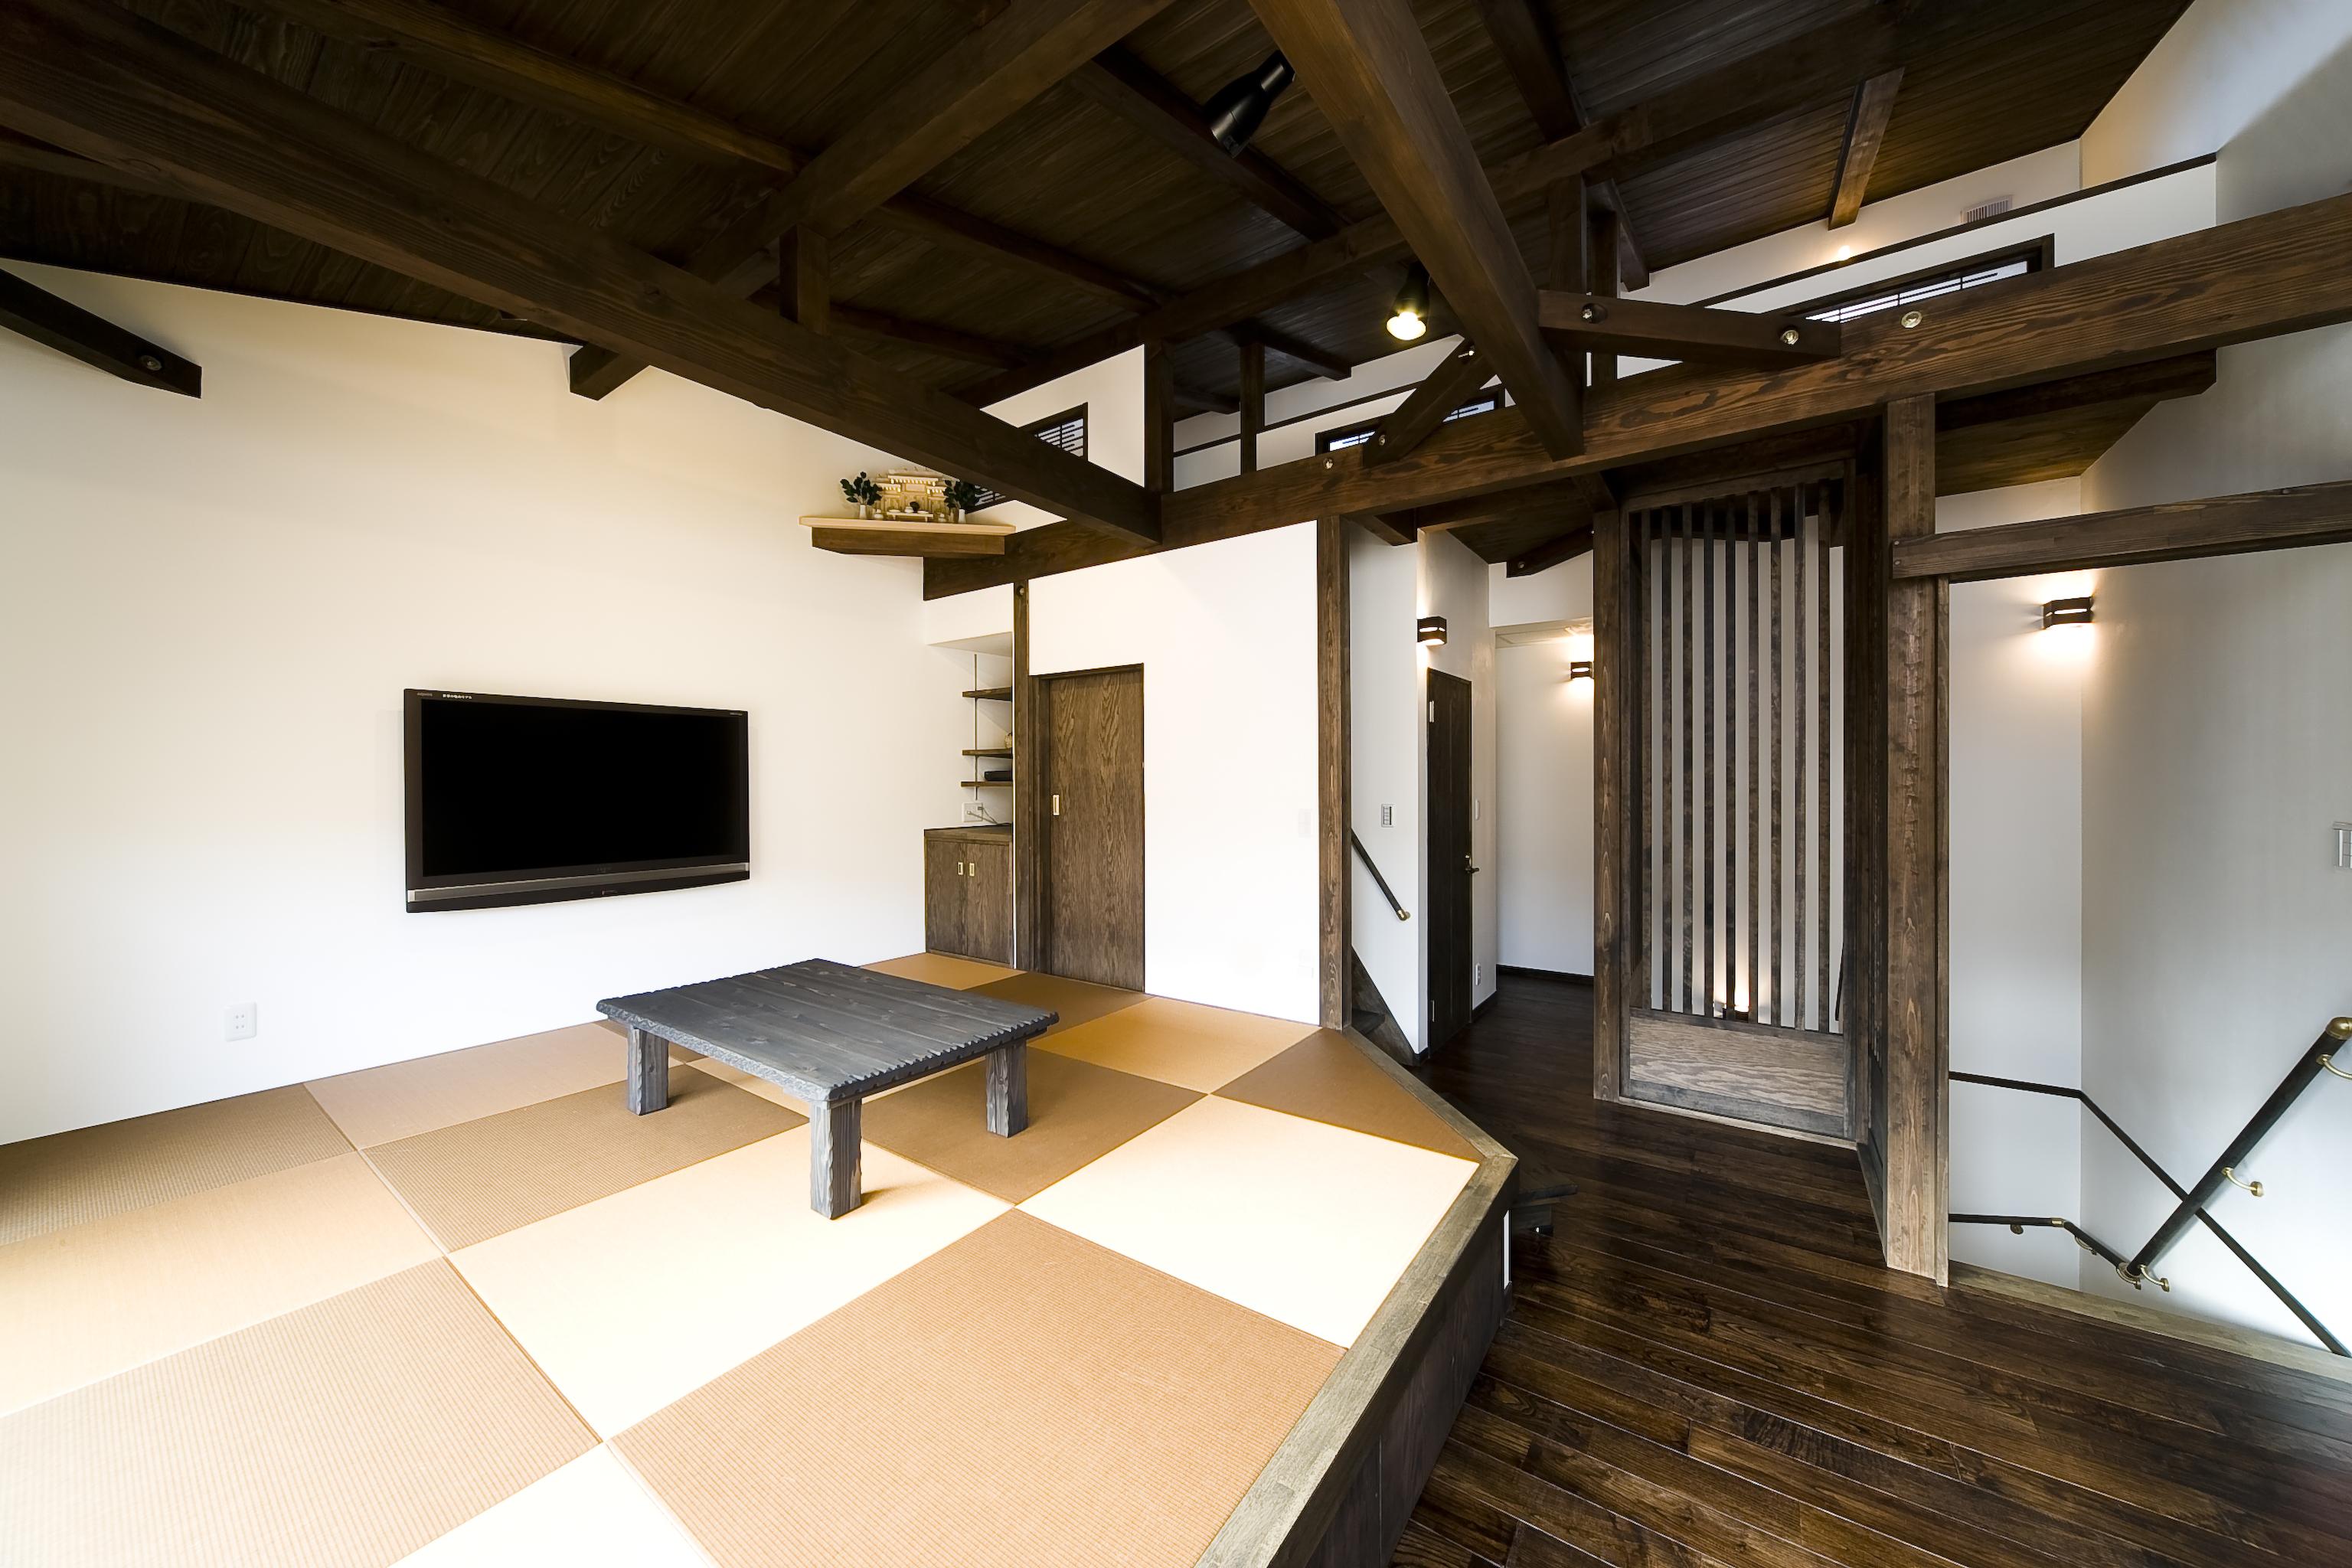 大人カッコイイモダンスタイルの家 小上がりの畳、和室でありながら洋風にも溶け込む